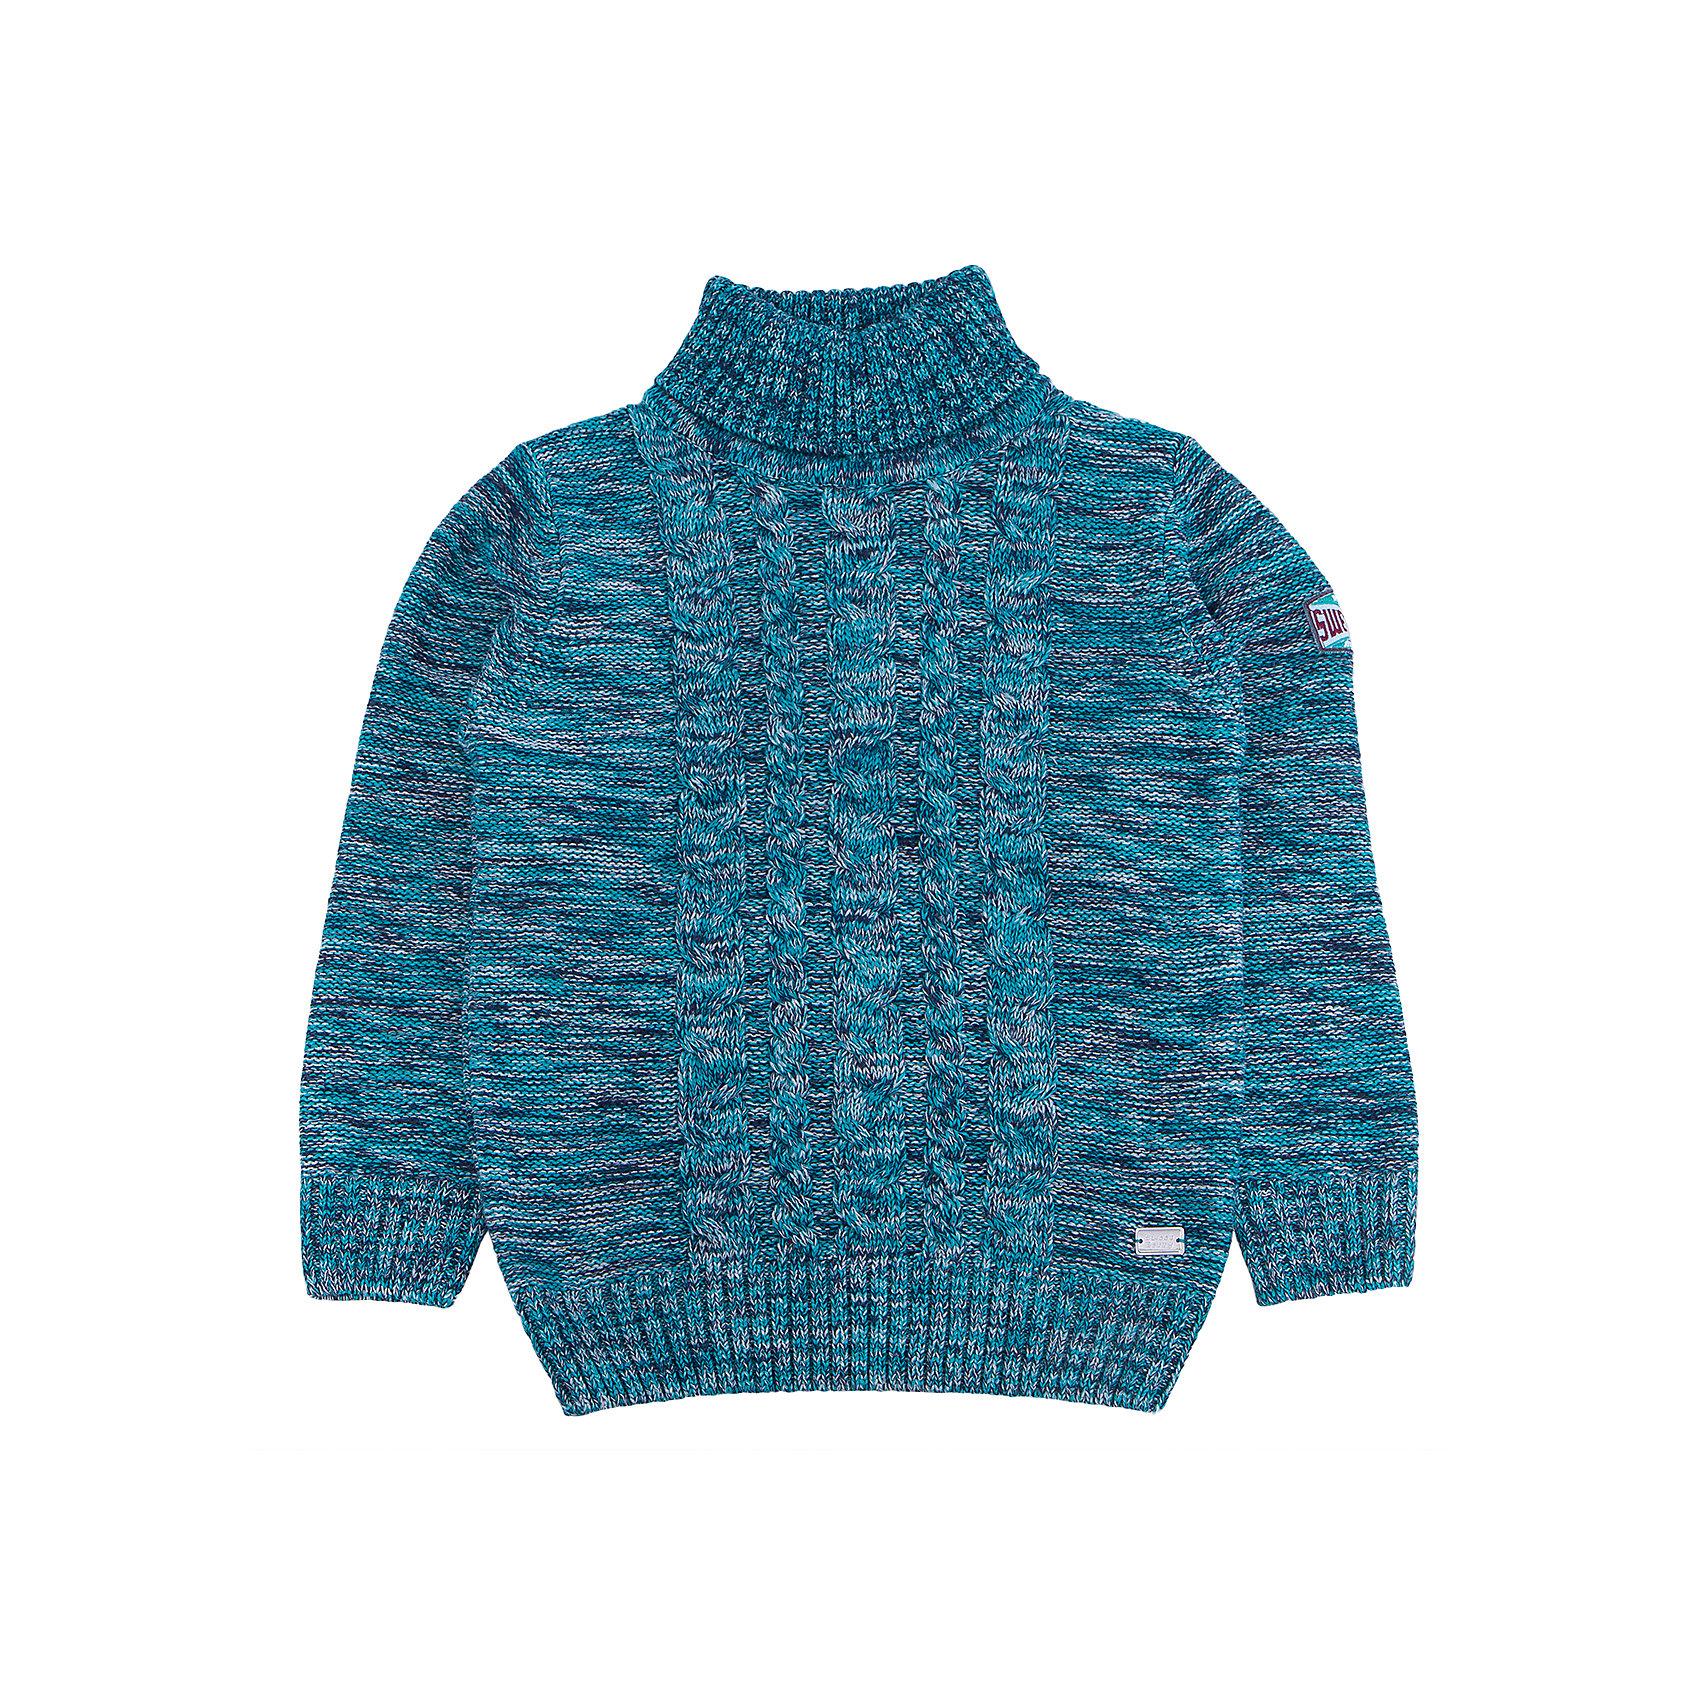 Свитер для мальчика Sweet BerryСвитера и кардиганы<br>Эта модель свитера для мальчика отличается модным дизайном с оригинальным узором. Удачный крой обеспечит ребенку комфорт и тепло. Края изделия обработаны мягкой резинкой , горло - высокое, поэтому вещь плотно прилегает к телу там, где нужно, и отлично сидит по фигуре. Натуральный хлопок в составе пряжи обеспечит коже возможность дышать и не вызовет аллергии.<br>Одежда от бренда Sweet Berry - это простой и выгодный способ одеть ребенка удобно и стильно. Всё изделия тщательно проработаны: швы - прочные, материал - качественный, фурнитура - подобранная специально для детей. <br><br>Дополнительная информация:<br><br>цвет: зеленый;<br>материал: 60% хлопок, 40% акрил;<br>высокое горло;<br>декорирован узором косы.<br><br>Свитер для мальчика от бренда Sweet Berry можно купить в нашем интернет-магазине.<br><br>Ширина мм: 190<br>Глубина мм: 74<br>Высота мм: 229<br>Вес г: 236<br>Цвет: зеленый<br>Возраст от месяцев: 72<br>Возраст до месяцев: 84<br>Пол: Мужской<br>Возраст: Детский<br>Размер: 122,110,116,128,98,104<br>SKU: 4930023